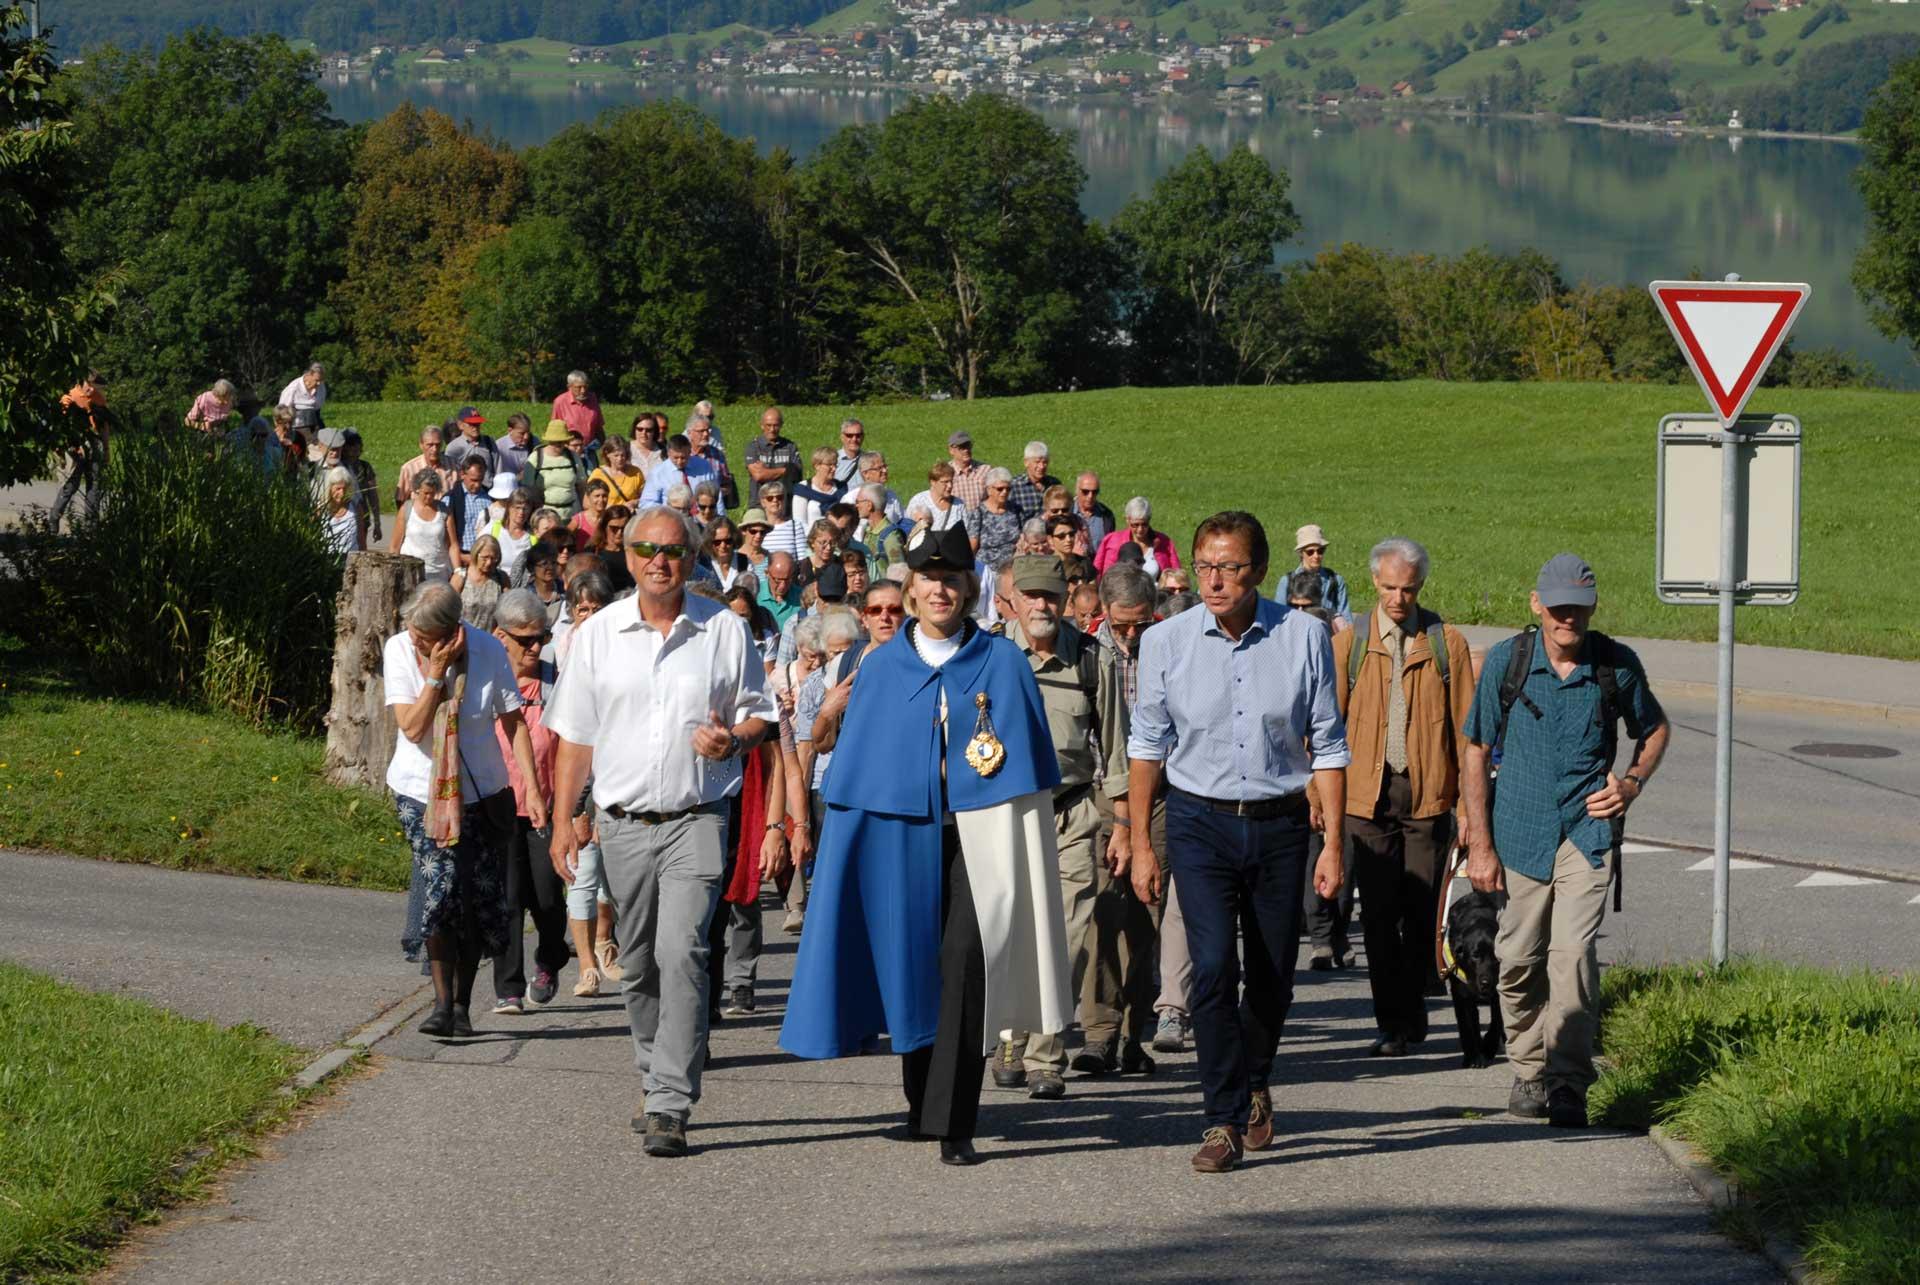 Unterwegs bei strahlendem Wetter – Die Pilgerinnen und Pilger folgen der Delegation der Luzerner Regierung mit der Standesweibelin von Sachseln nach Flühli. | © 2019 Tatjana Troxler